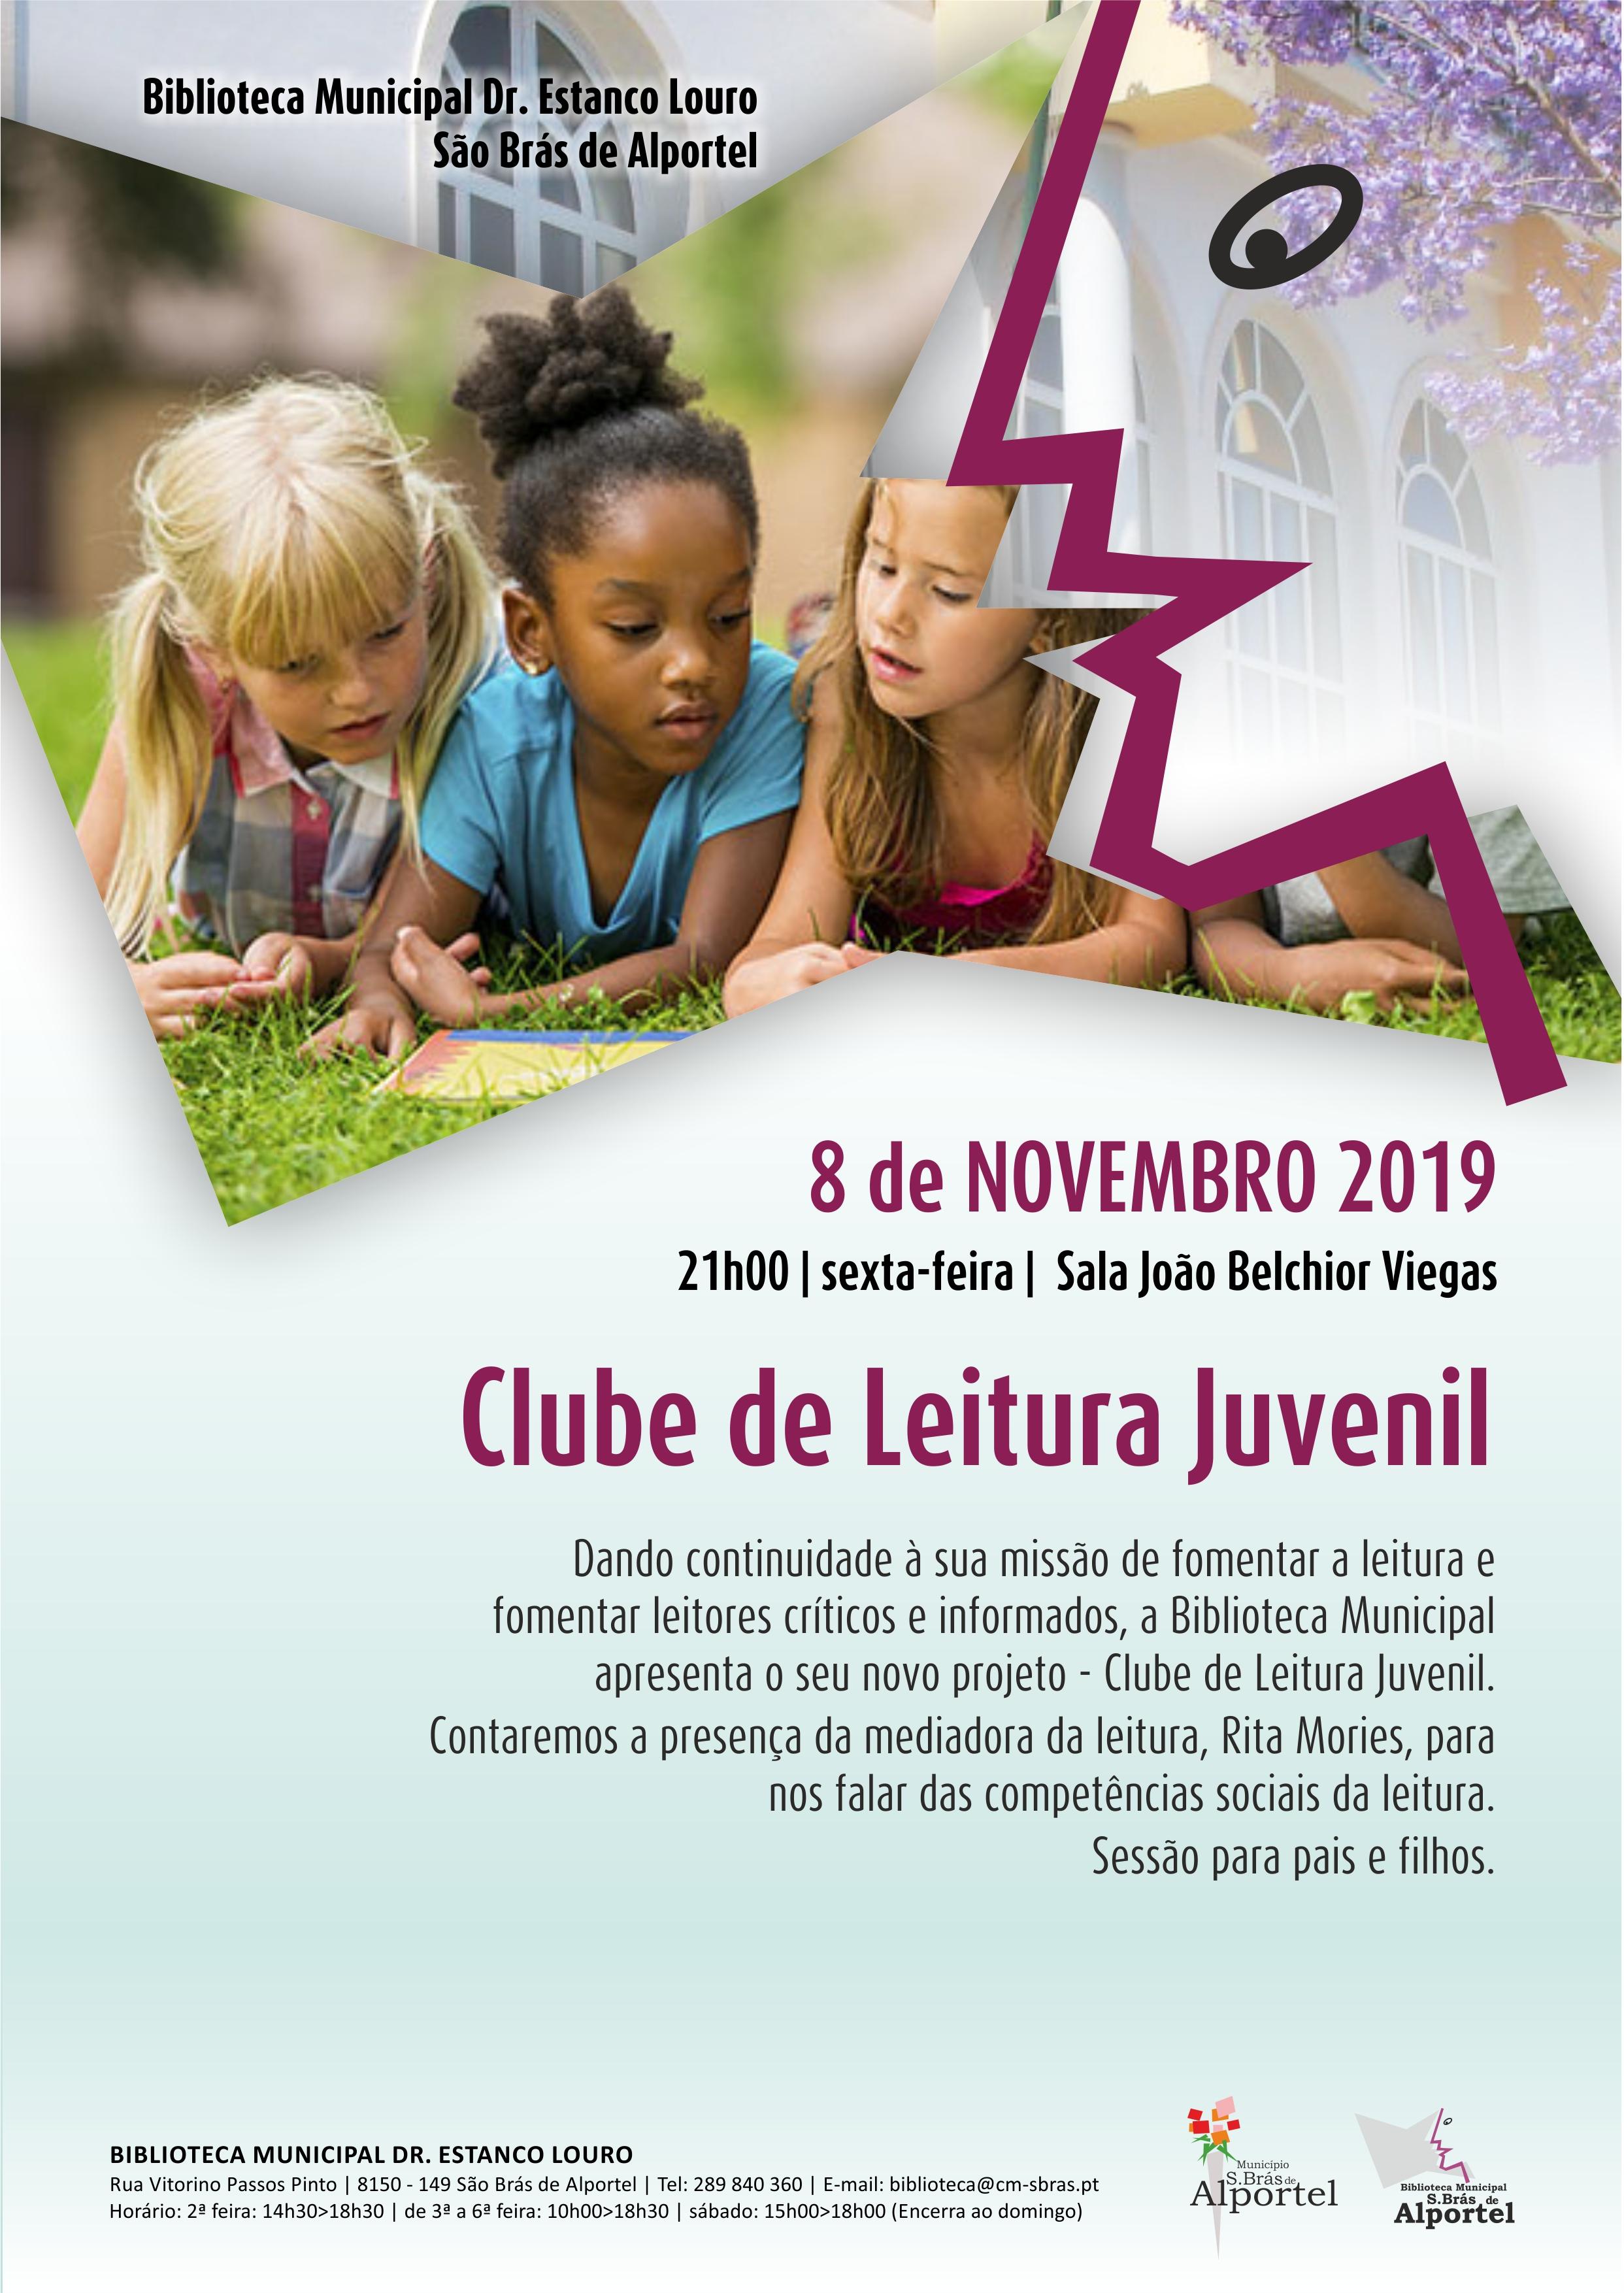 cartaz do clube de leitura juvenil de novembro de 2019